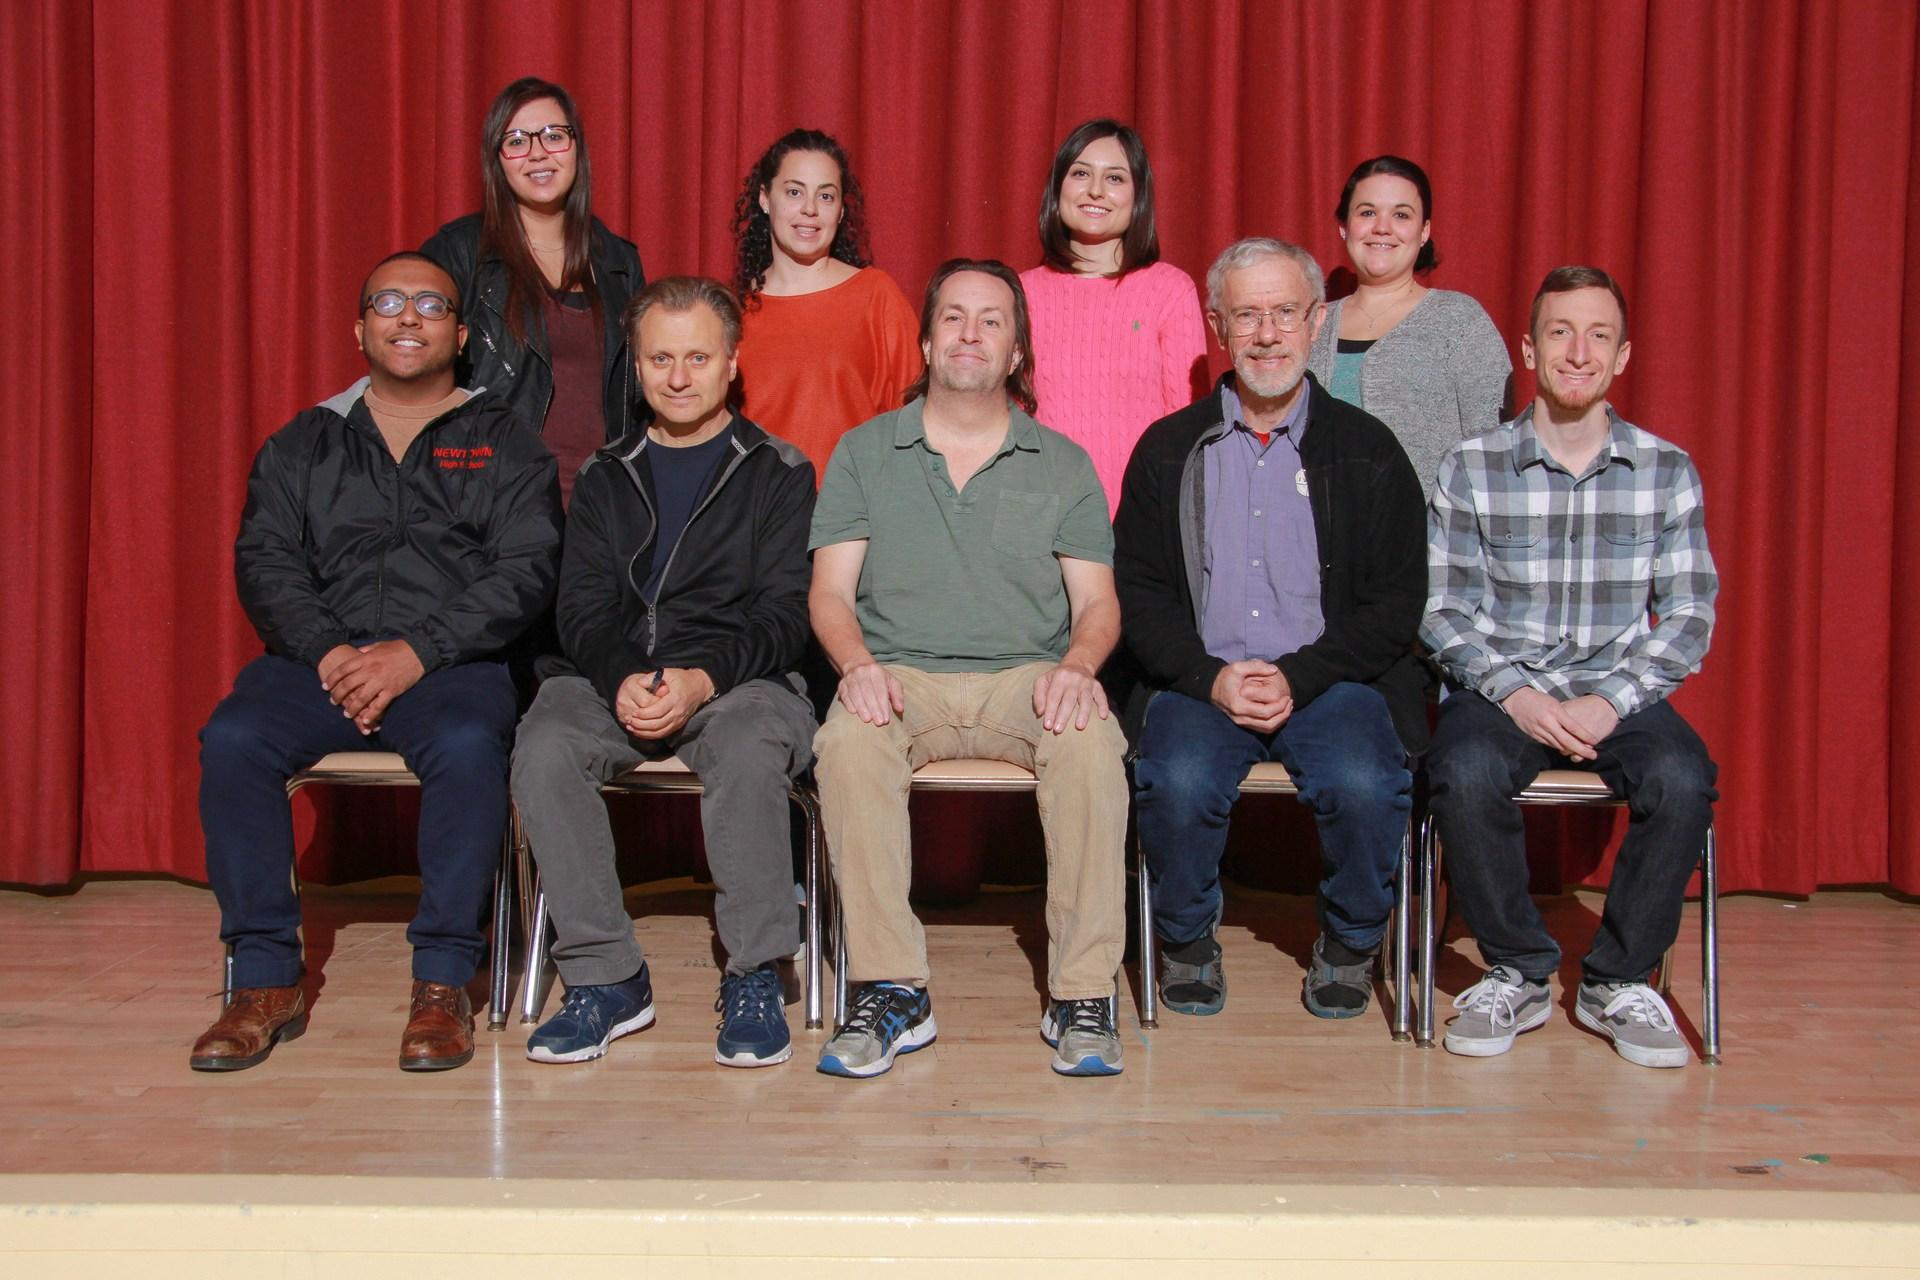 Several members of the 2017-2018 Social Studies Department